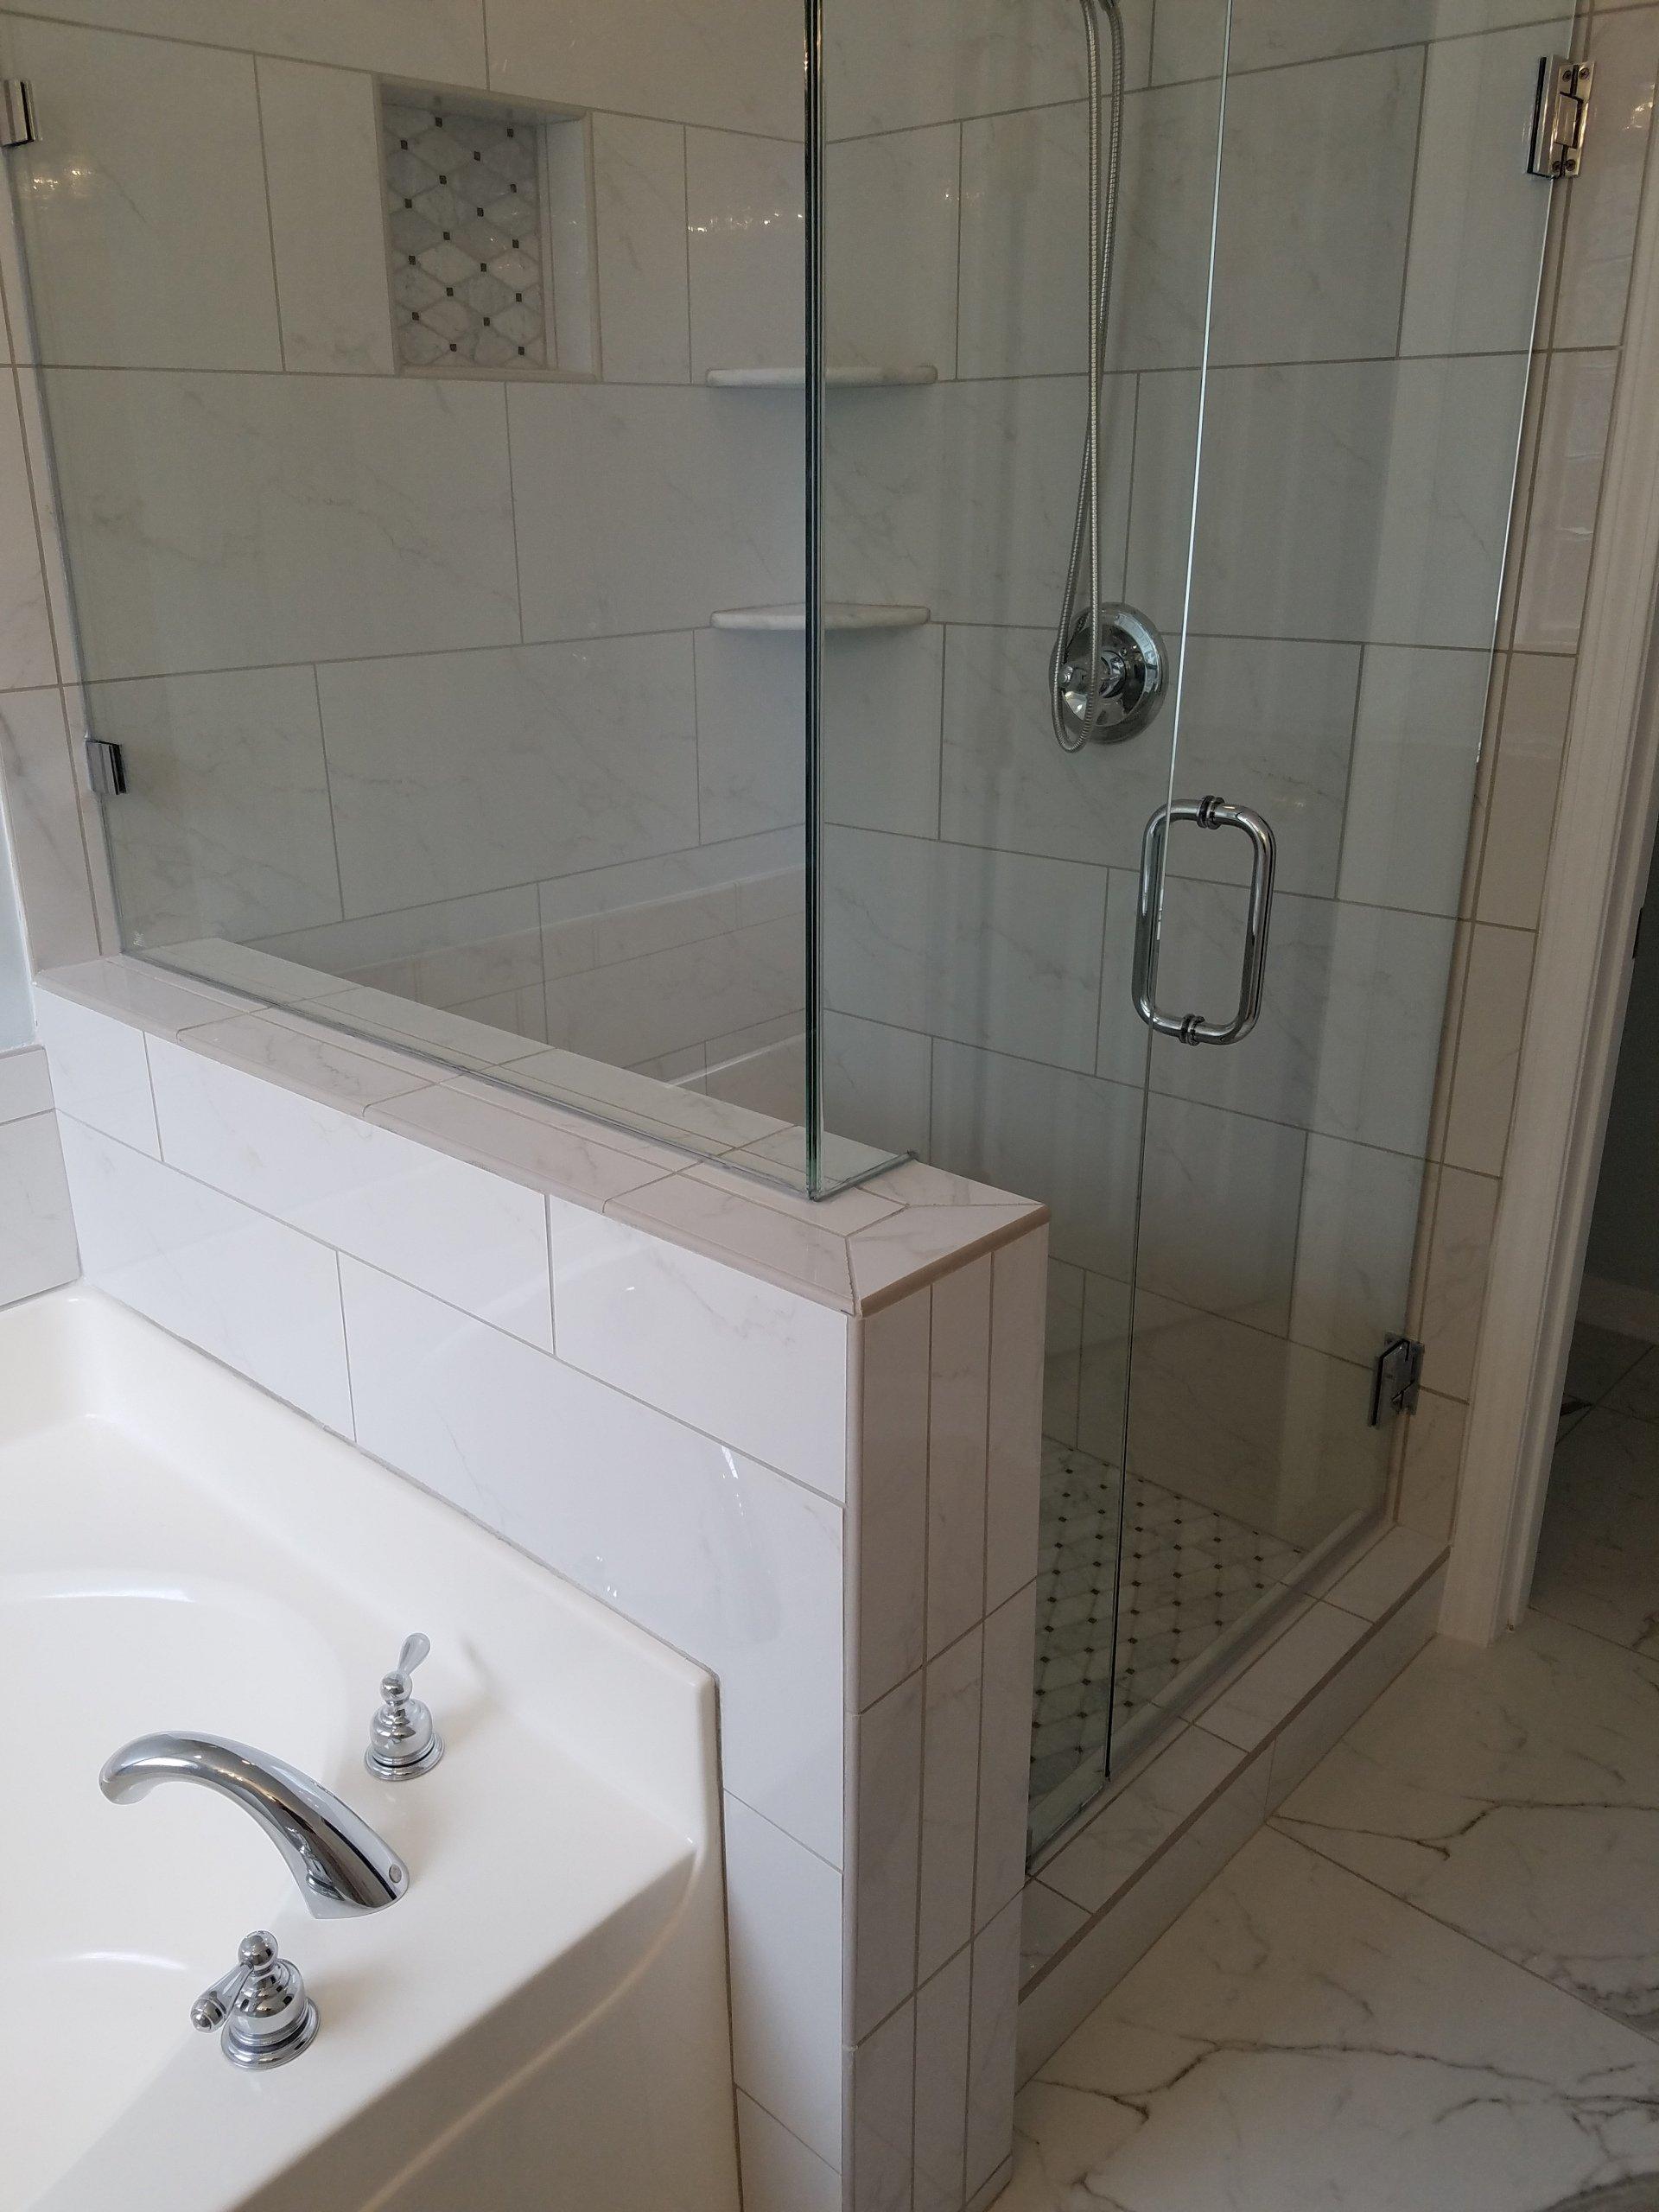 Fiberglass Unit To Walk In Tiled Shower